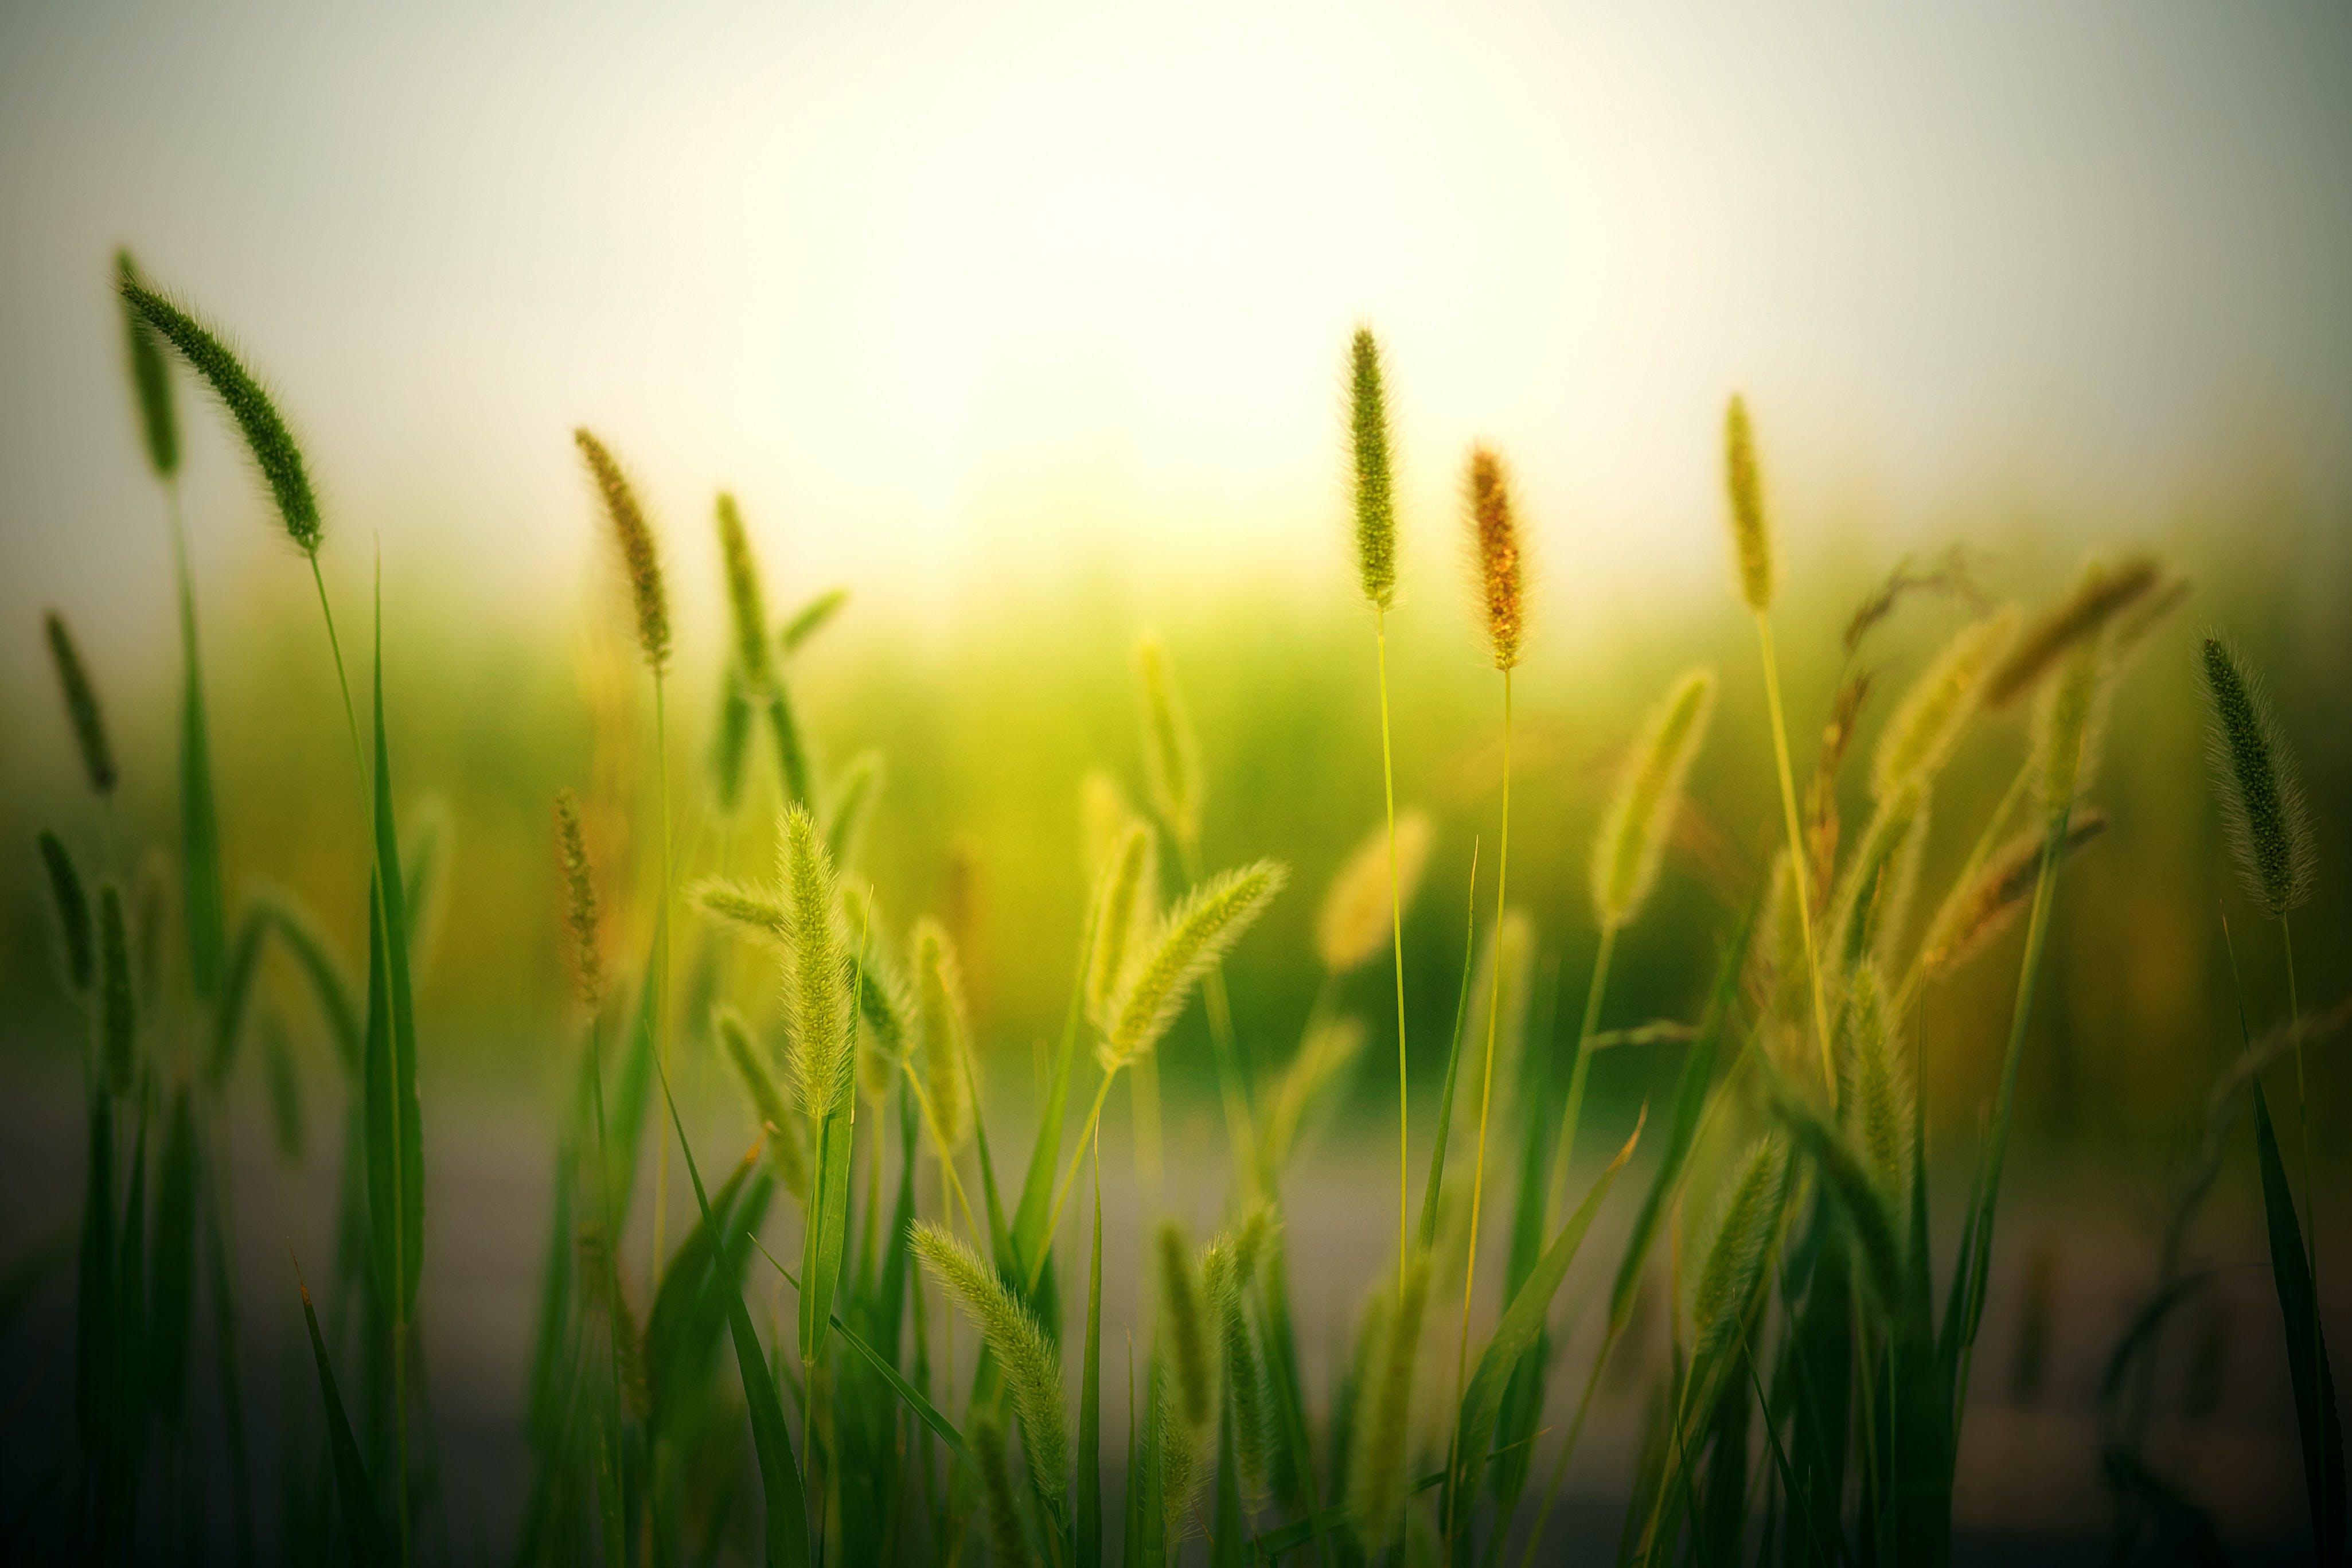 Δωρεάν στοκ φωτογραφιών με αγρόκτημα, ανάπτυξη, αυγή, γήπεδο